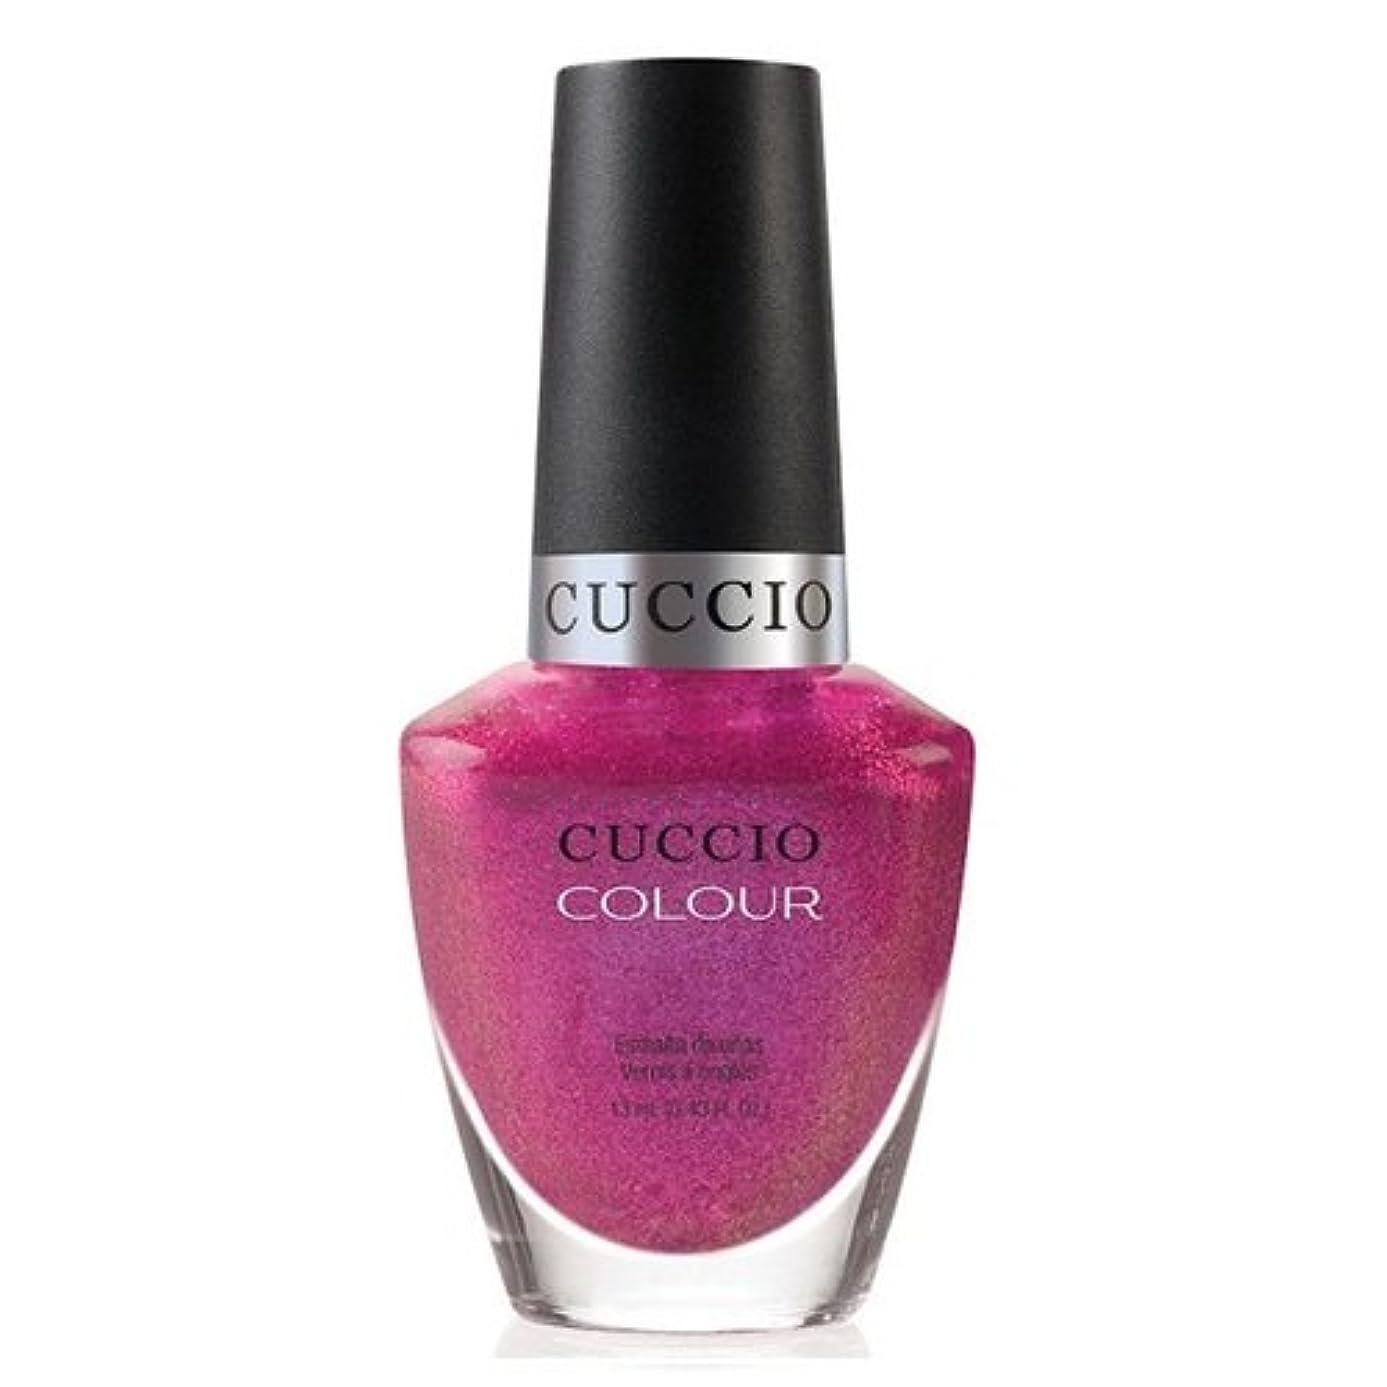 スイ見習い効率的にCuccio Colour Gloss Lacquer - Femme Fatale - 0.43oz/13ml